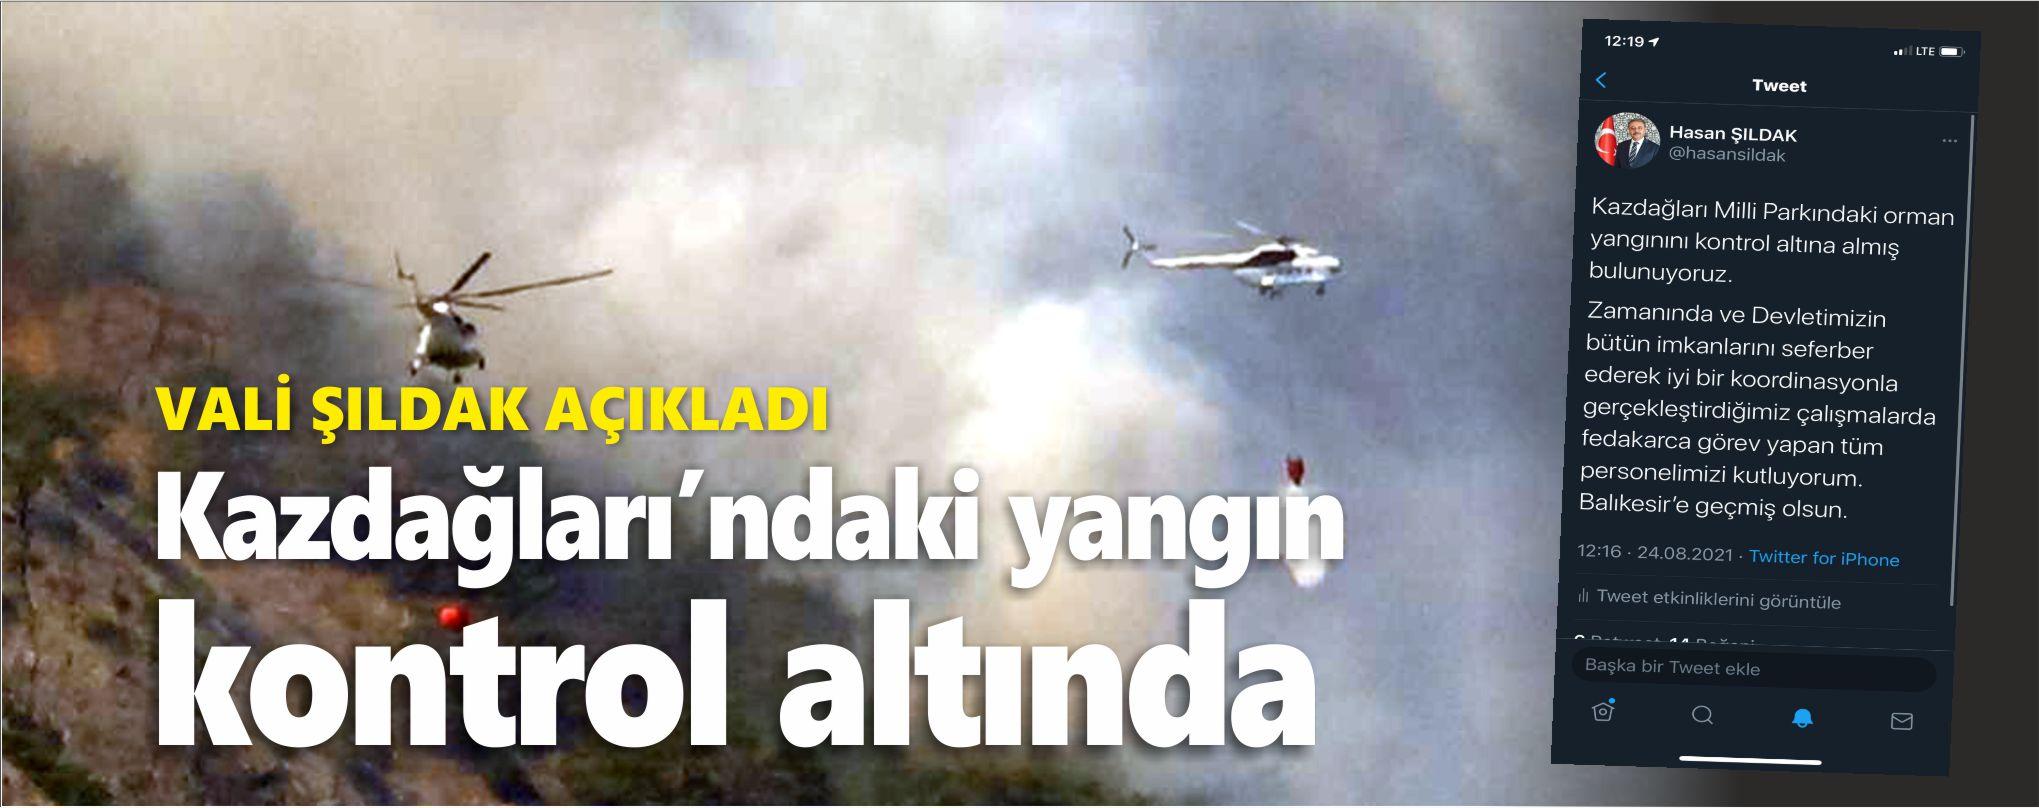 KAZDAĞLARI'NDAKİ YANGIN KONTROL ALTINA ALINDI